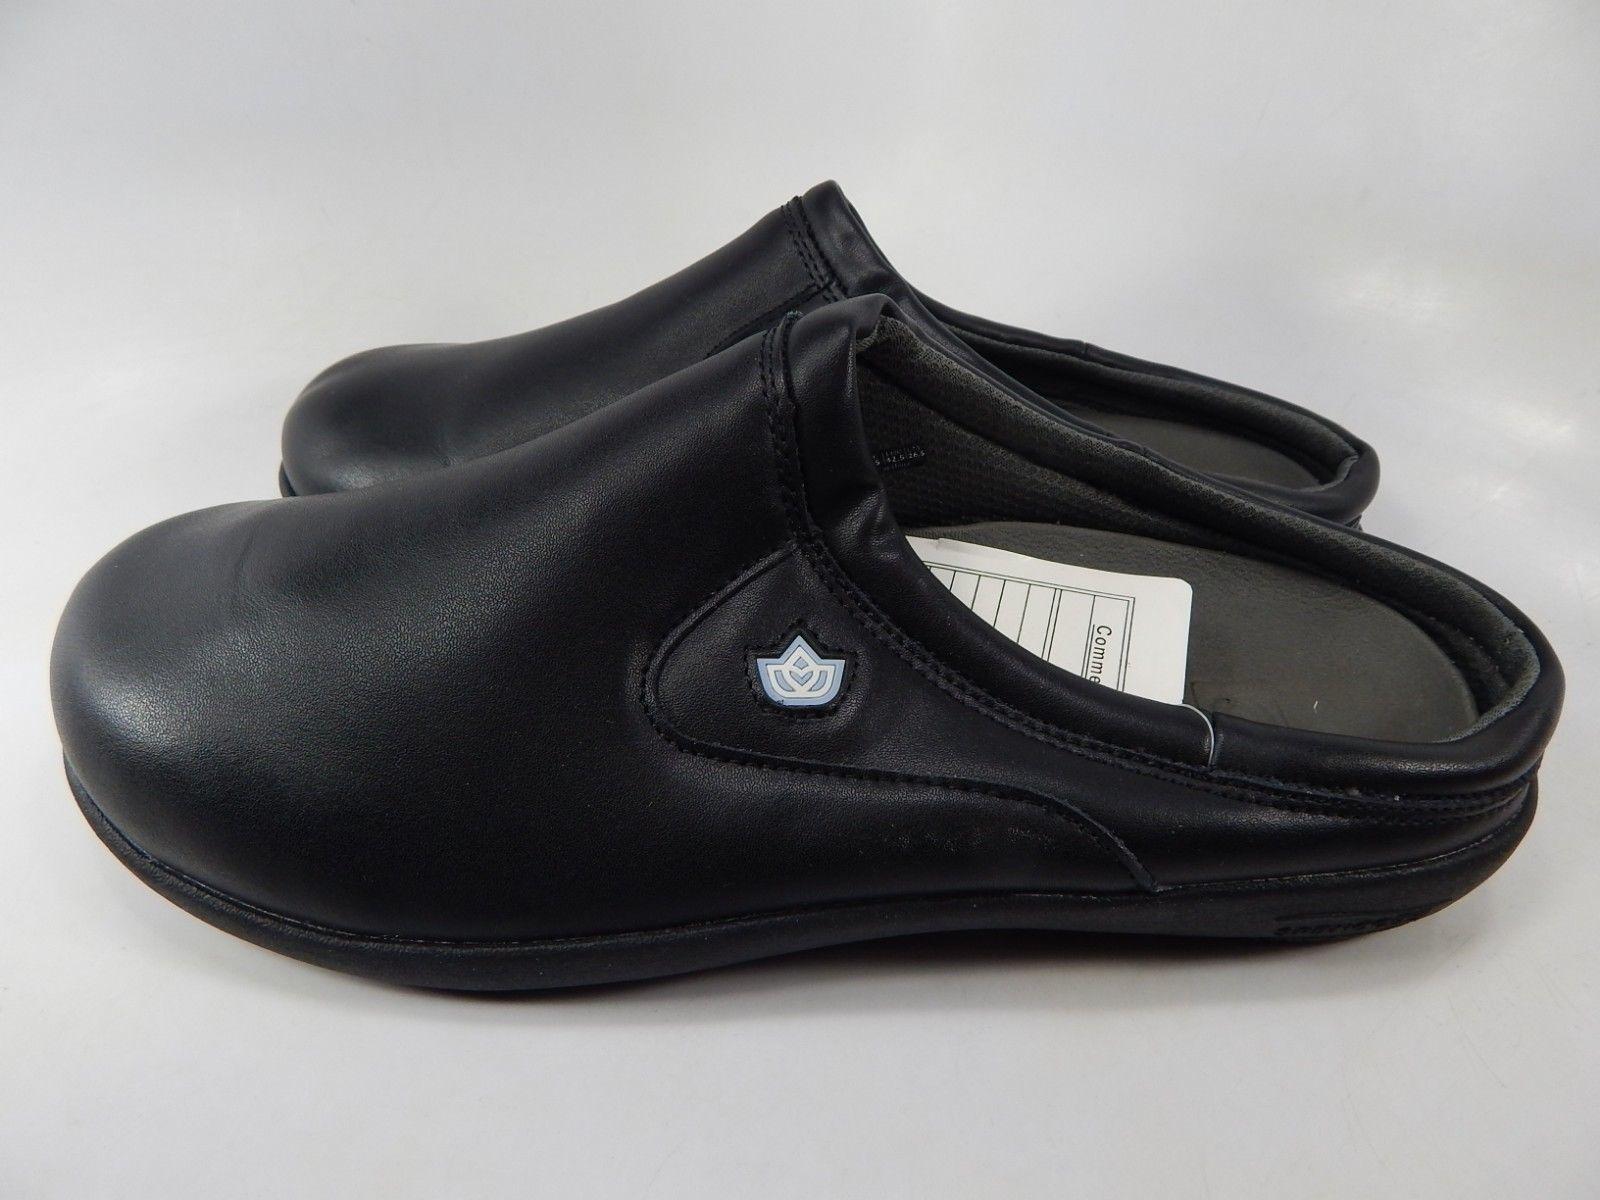 Spenco Pierce MD SL Sz US 9 M (D) EU 42.5 Men's Professional Slides Shoes Black